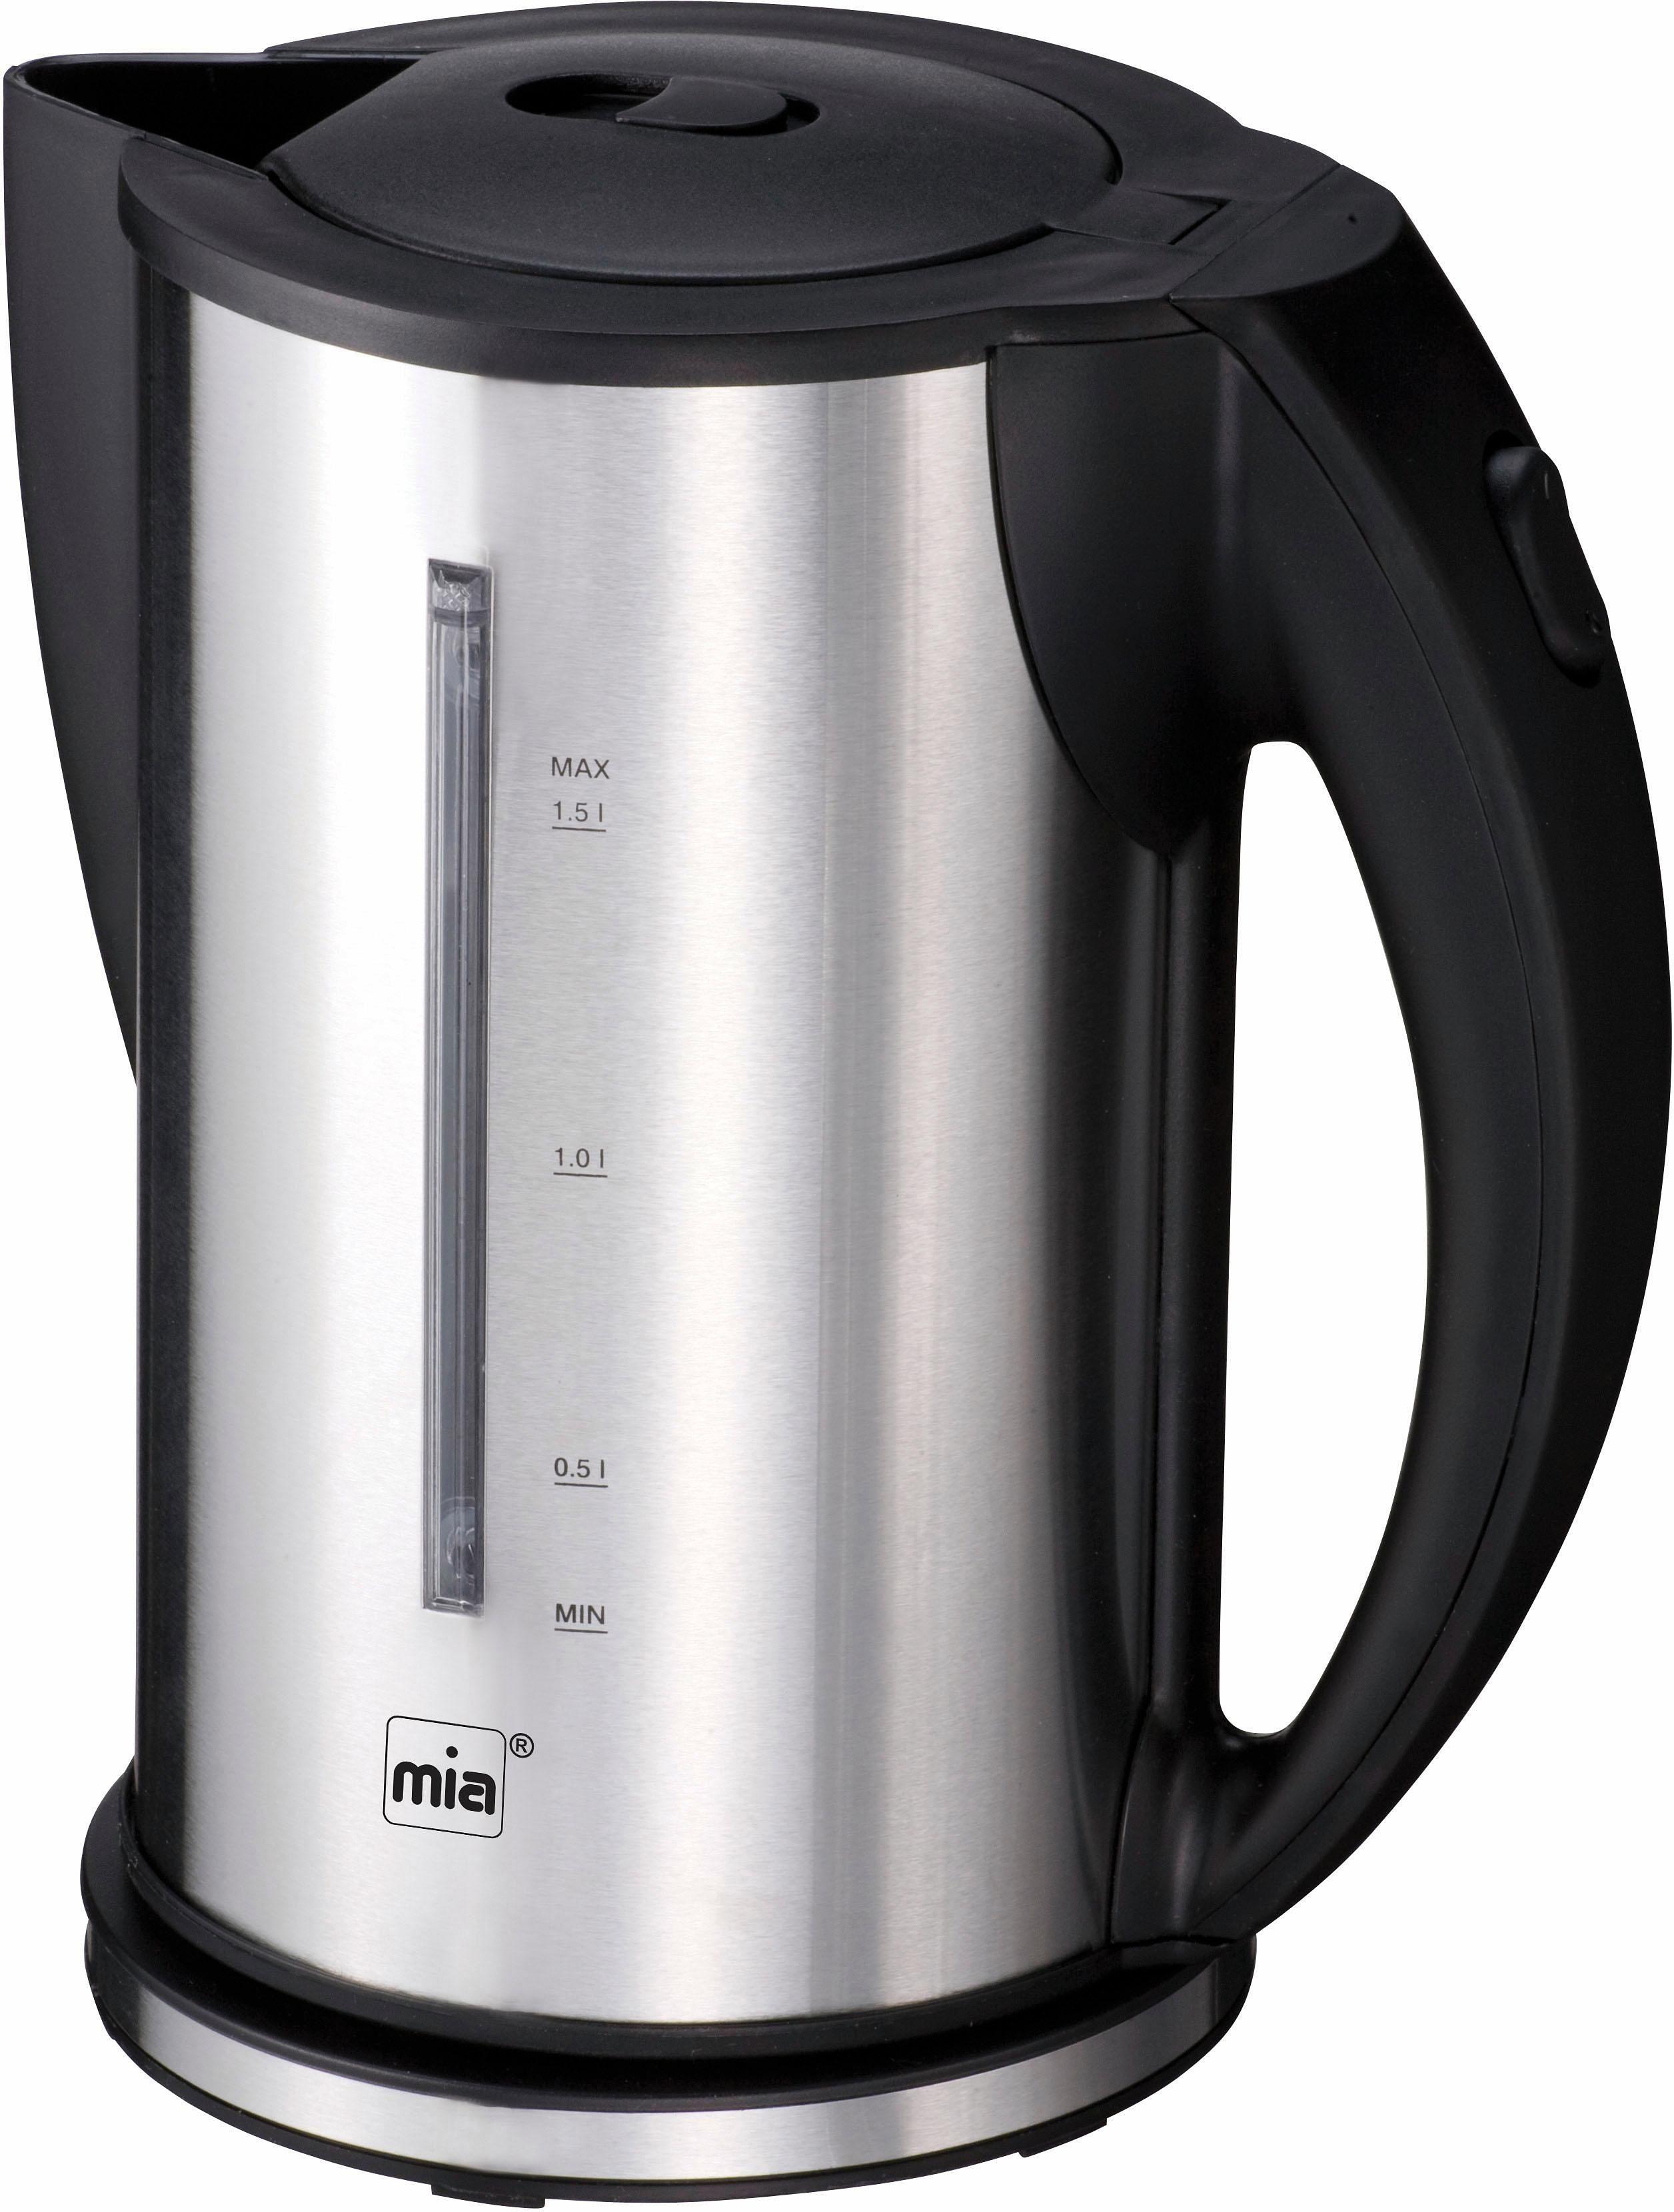 Mia Wasserkocher EW 3672, 1,5 Liter, 2200 Watt